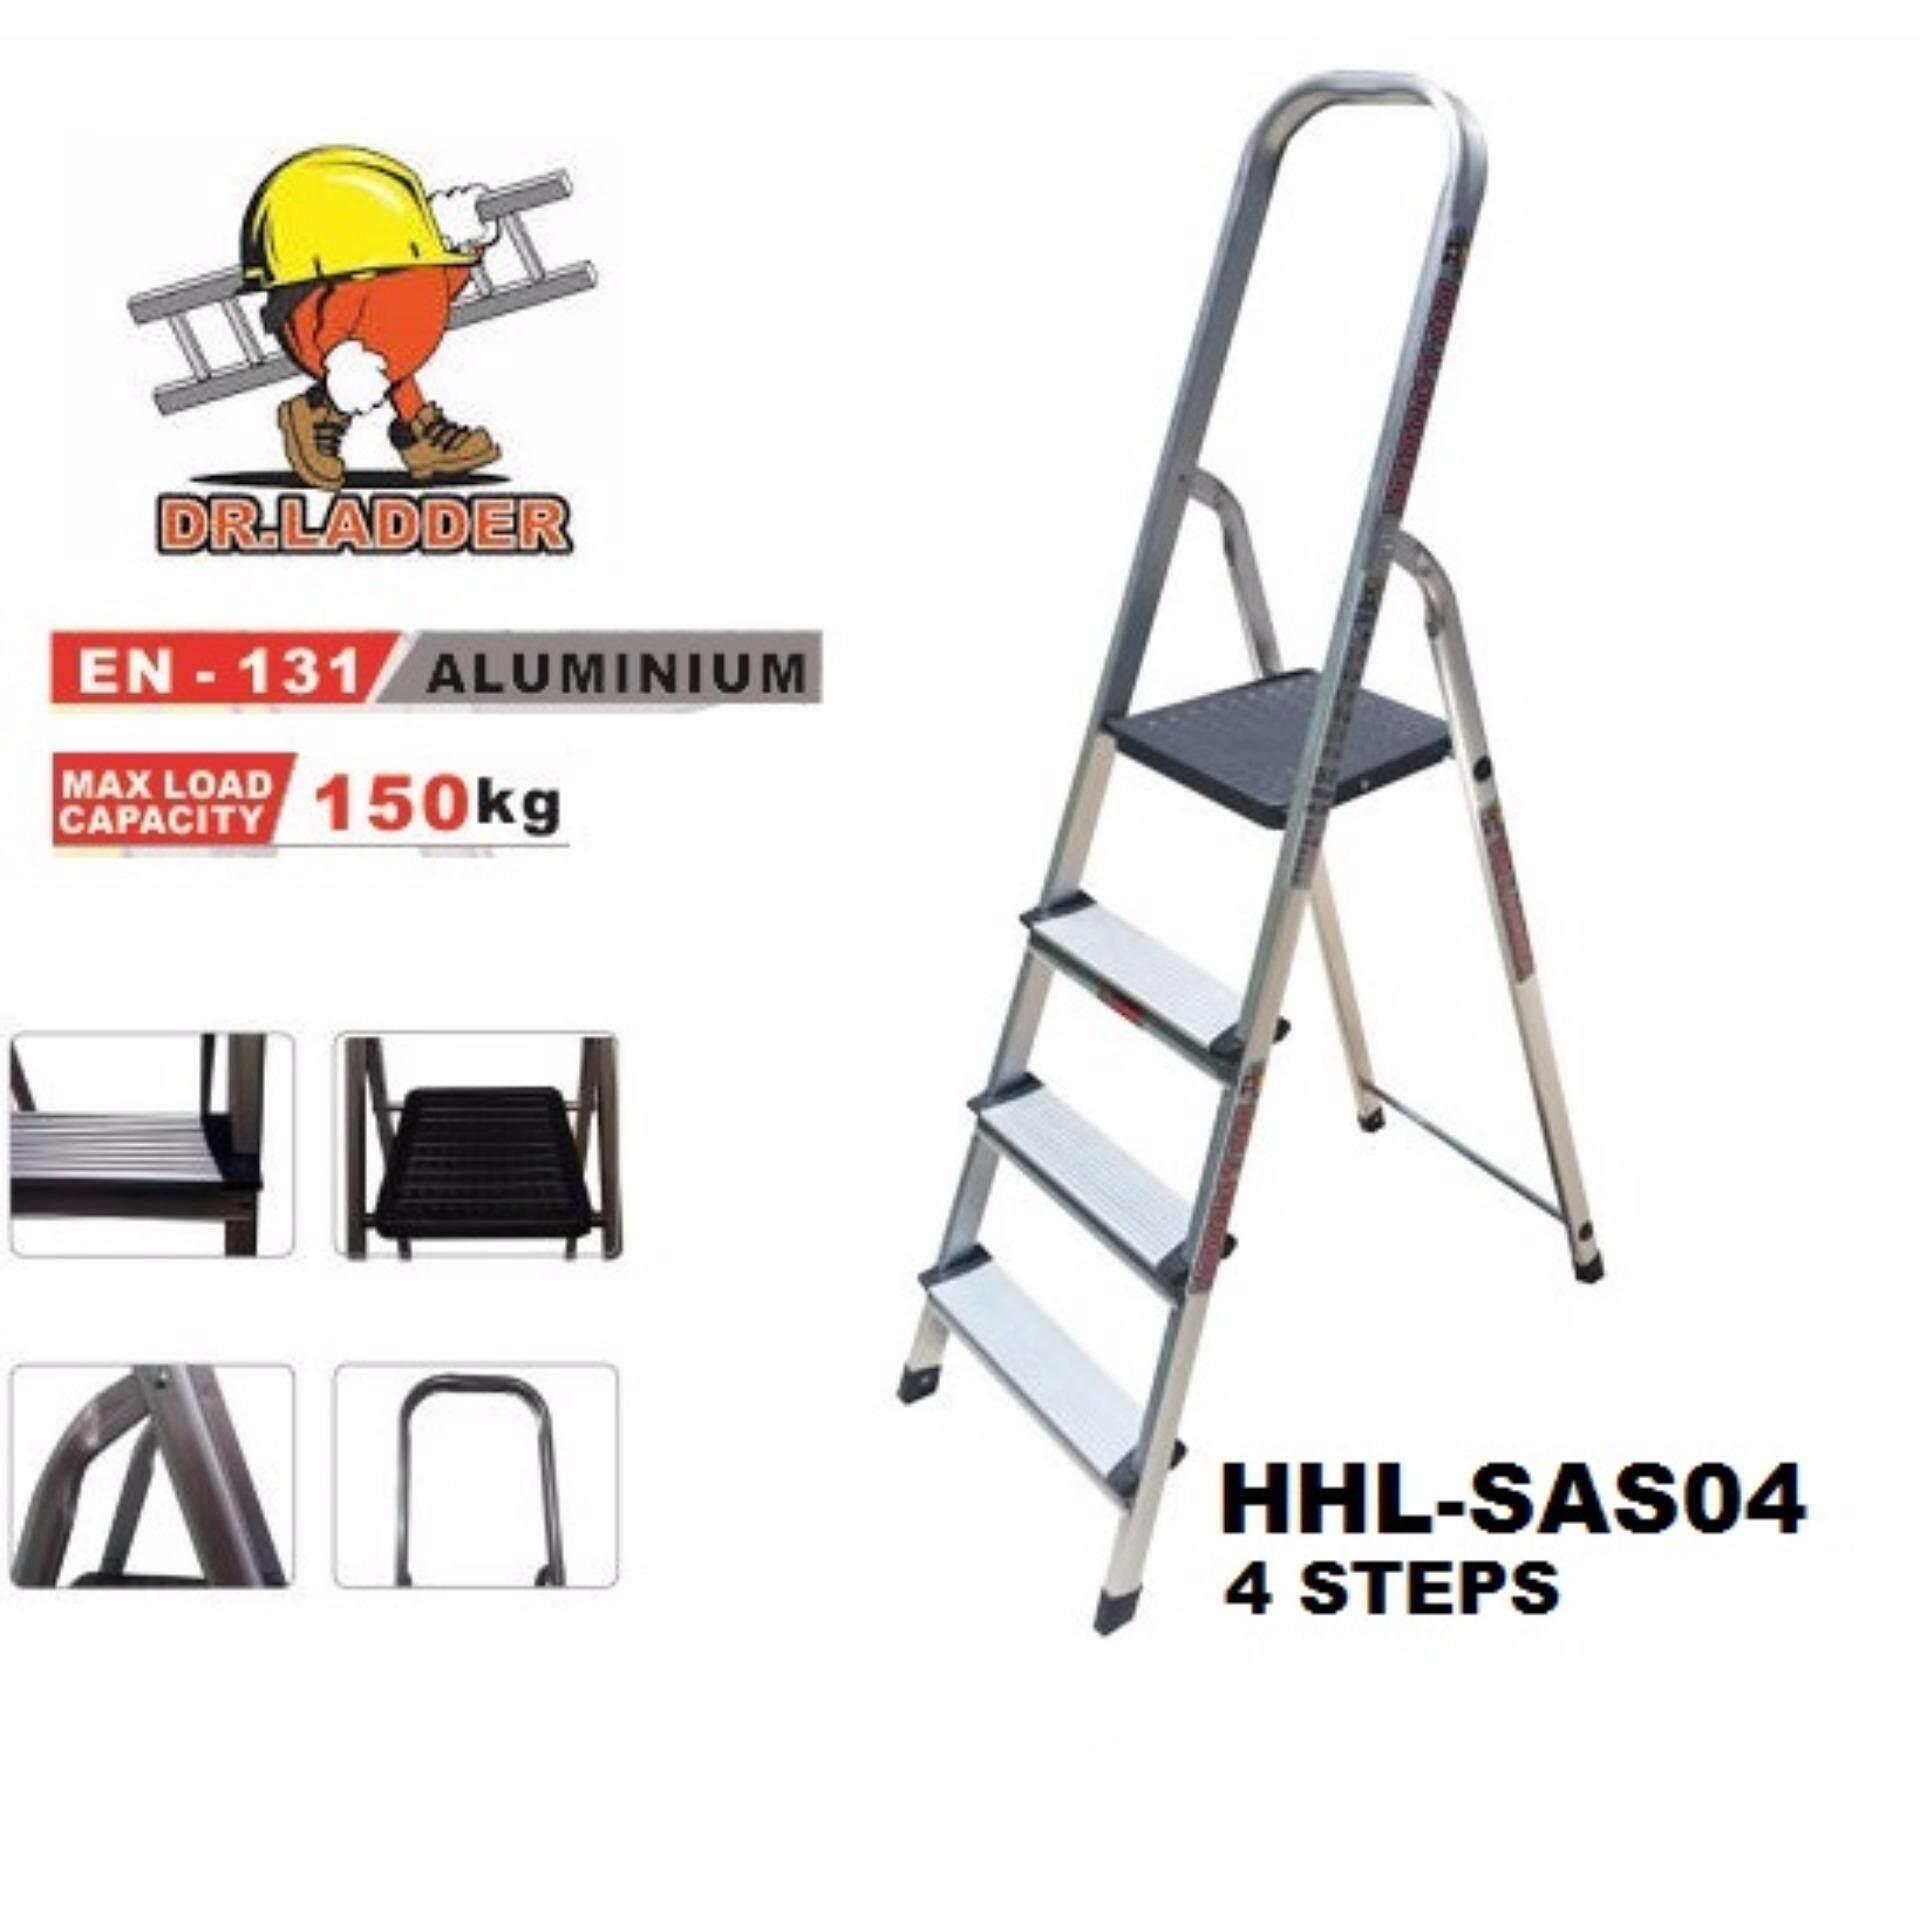 Dr ladder aluminium household ladder hhl sas04 4 steps for House doctor ladder